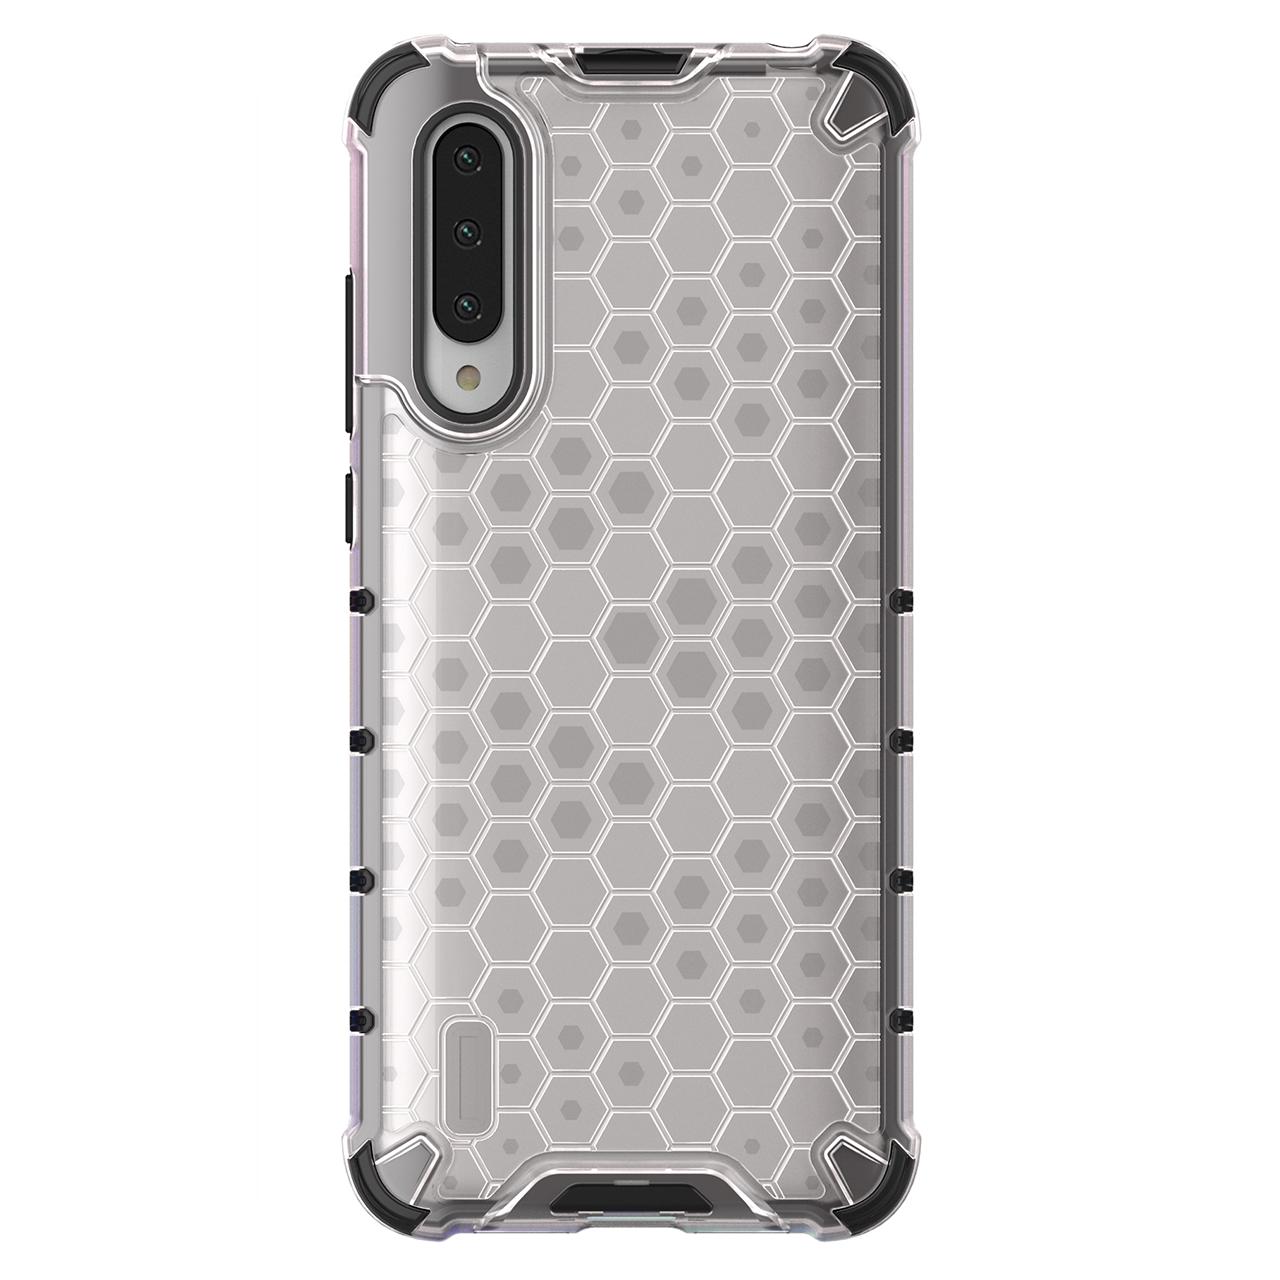 کاور مدل DEF03 مناسب برای گوشی موبایل شیائومی Mi 9 lite / Mi cc9              ( قیمت و خرید)